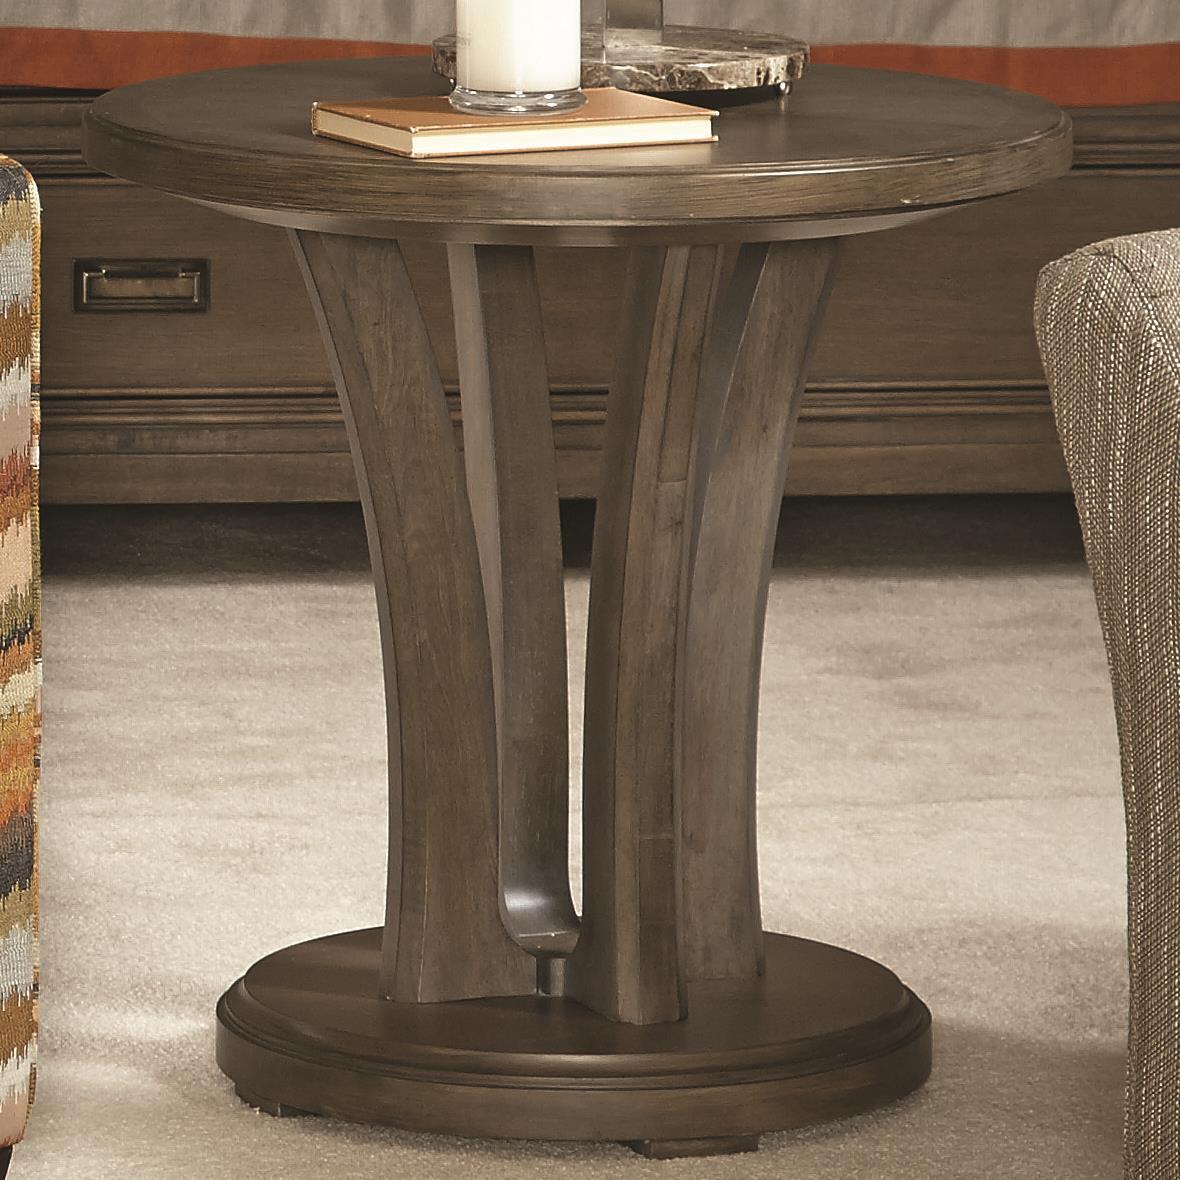 American Drew Park Studio Lamp Table - Item Number: 488-918